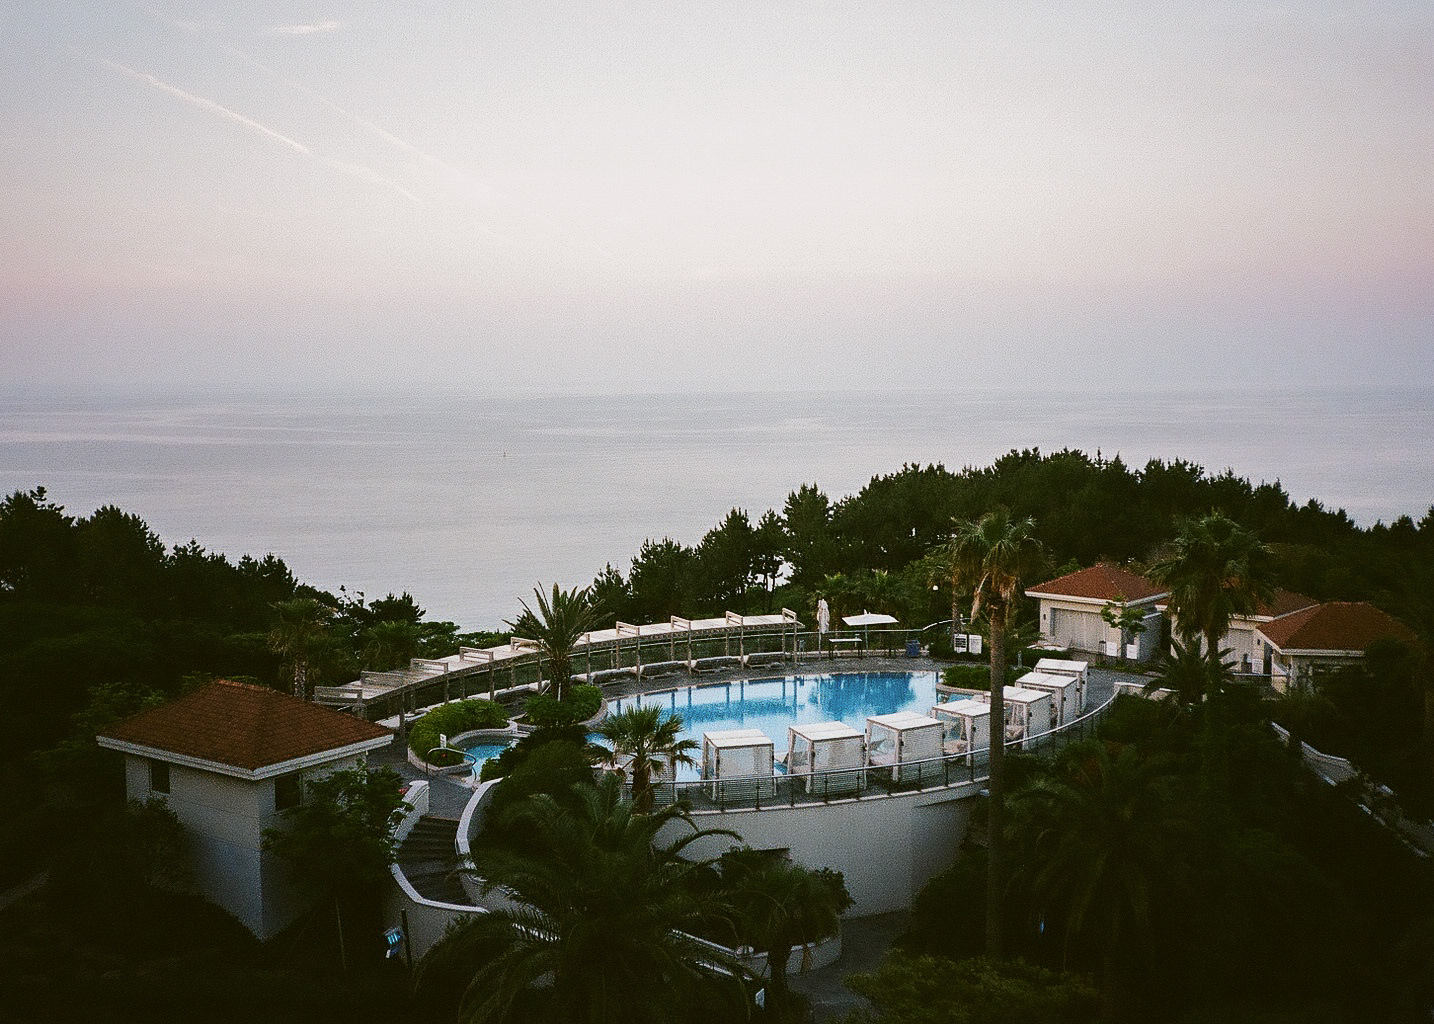 The Shilla Resort on Jeju Island